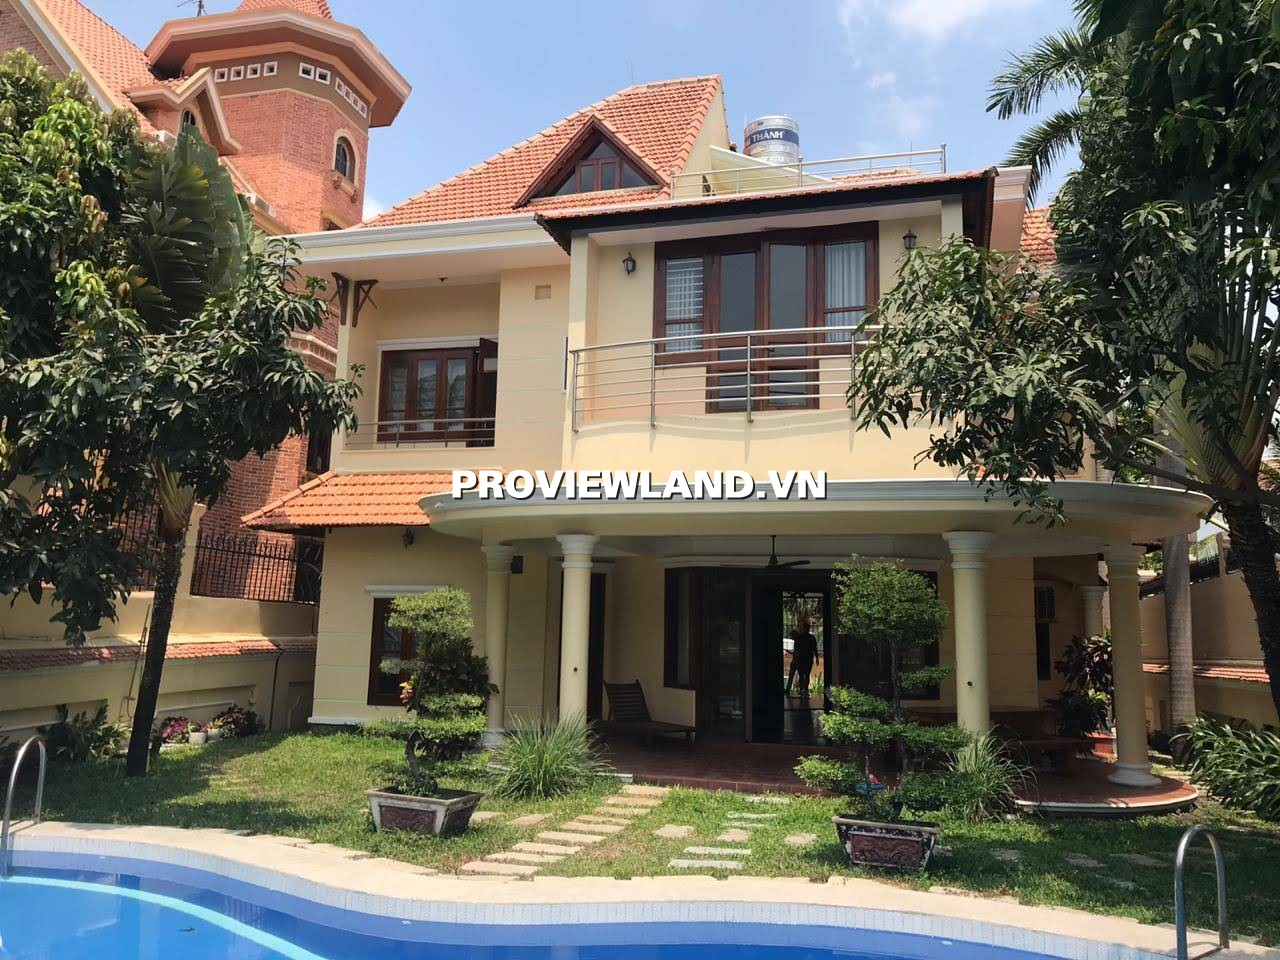 Cho thuê Villa Thảo Điền có hồ bơi diện tích 450m2 1 trệt 1 lầu 5 phòng ngủ